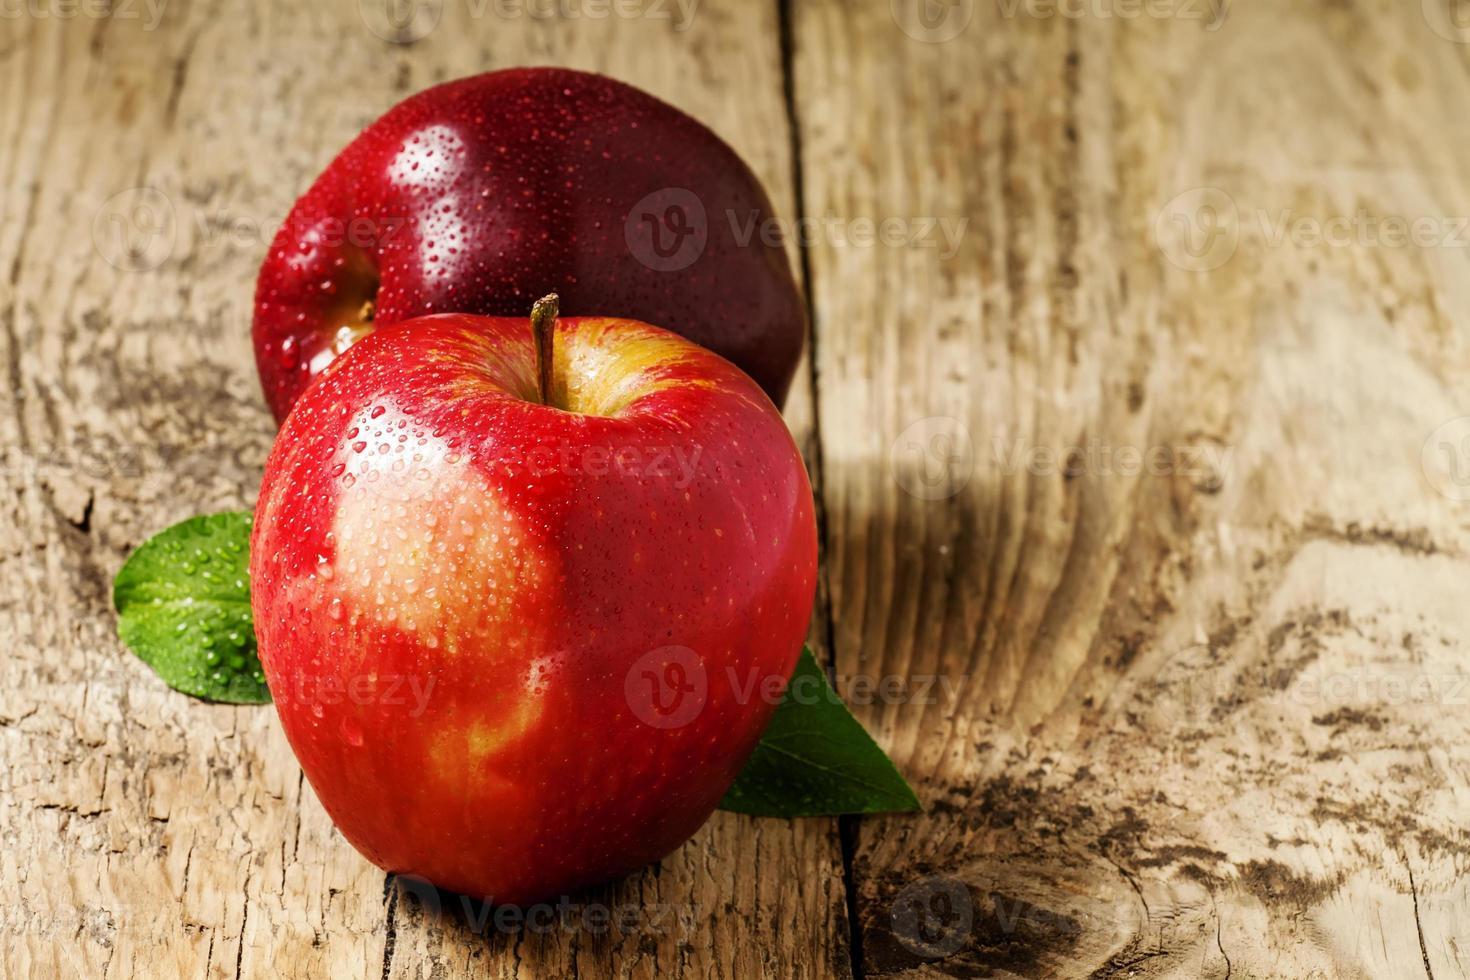 twee rode appels met waterdruppels op een houten tafel foto